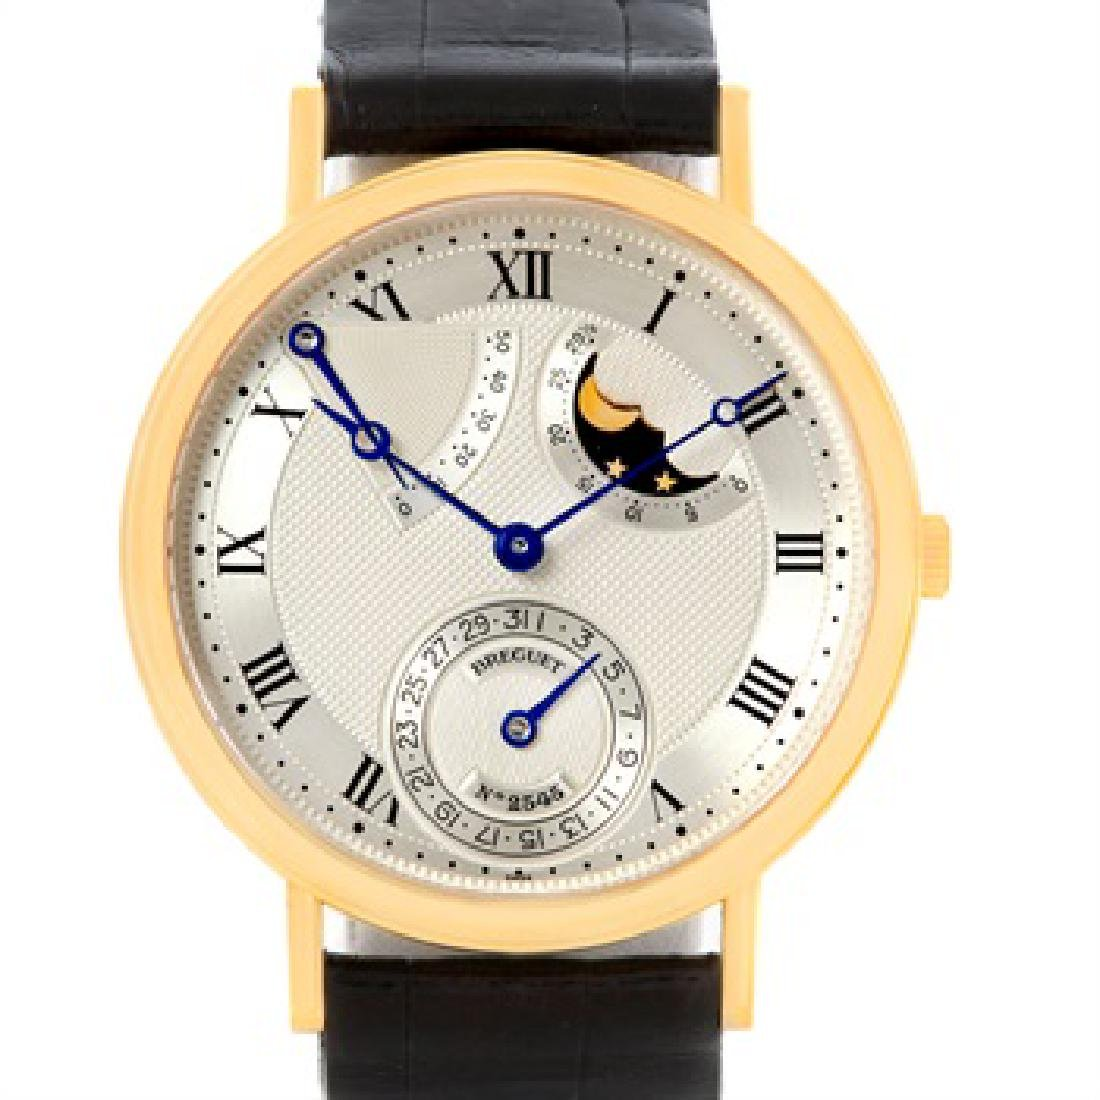 Breguet Classique Power Reserve 18K Yellow Gold Watch